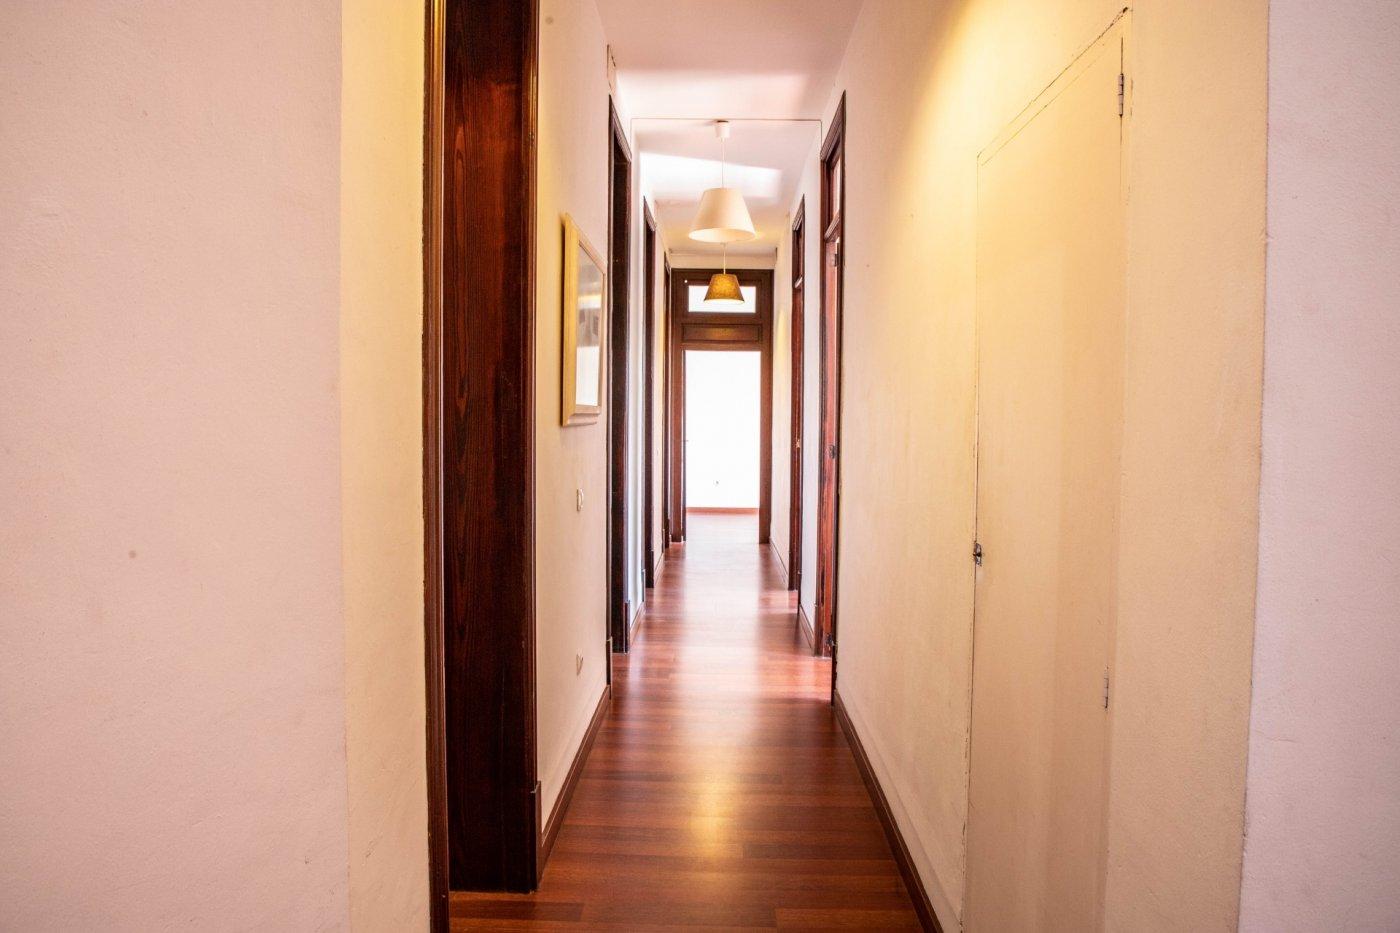 Precioso piso antiguo con mucho carácter en el centro de palma - imagenInmueble16